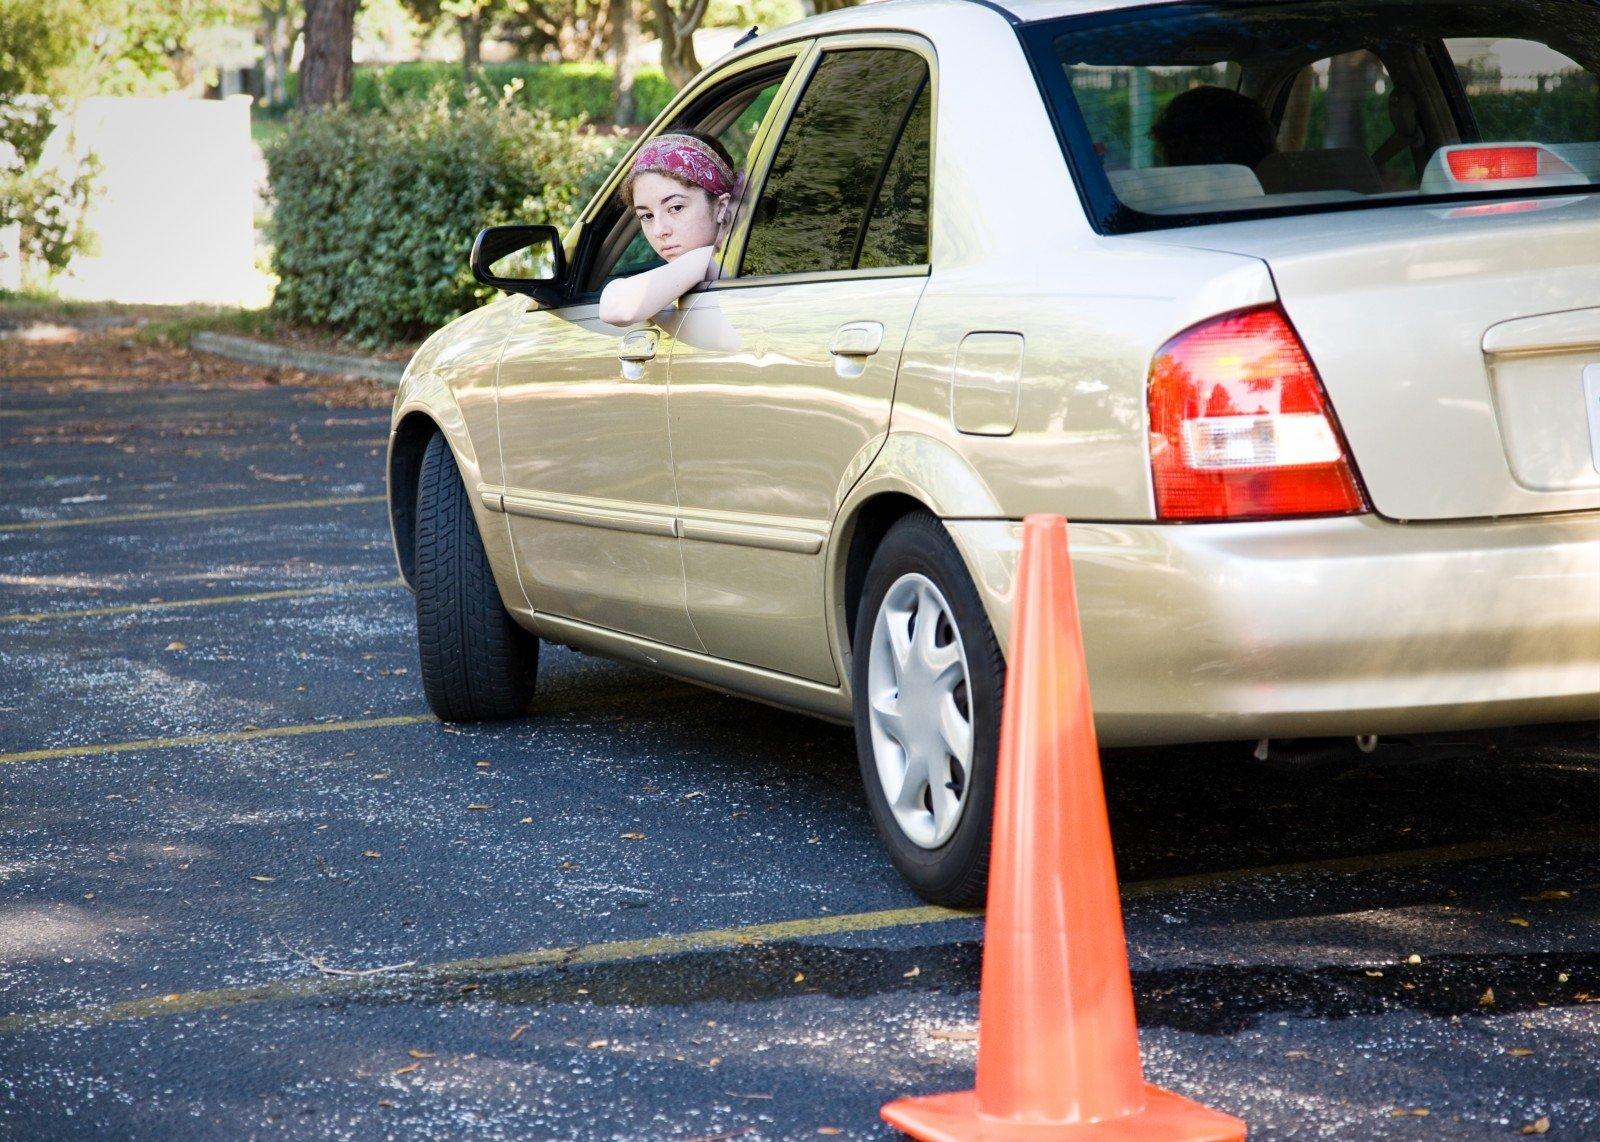 vairuodamas automobilį turiu erekciją